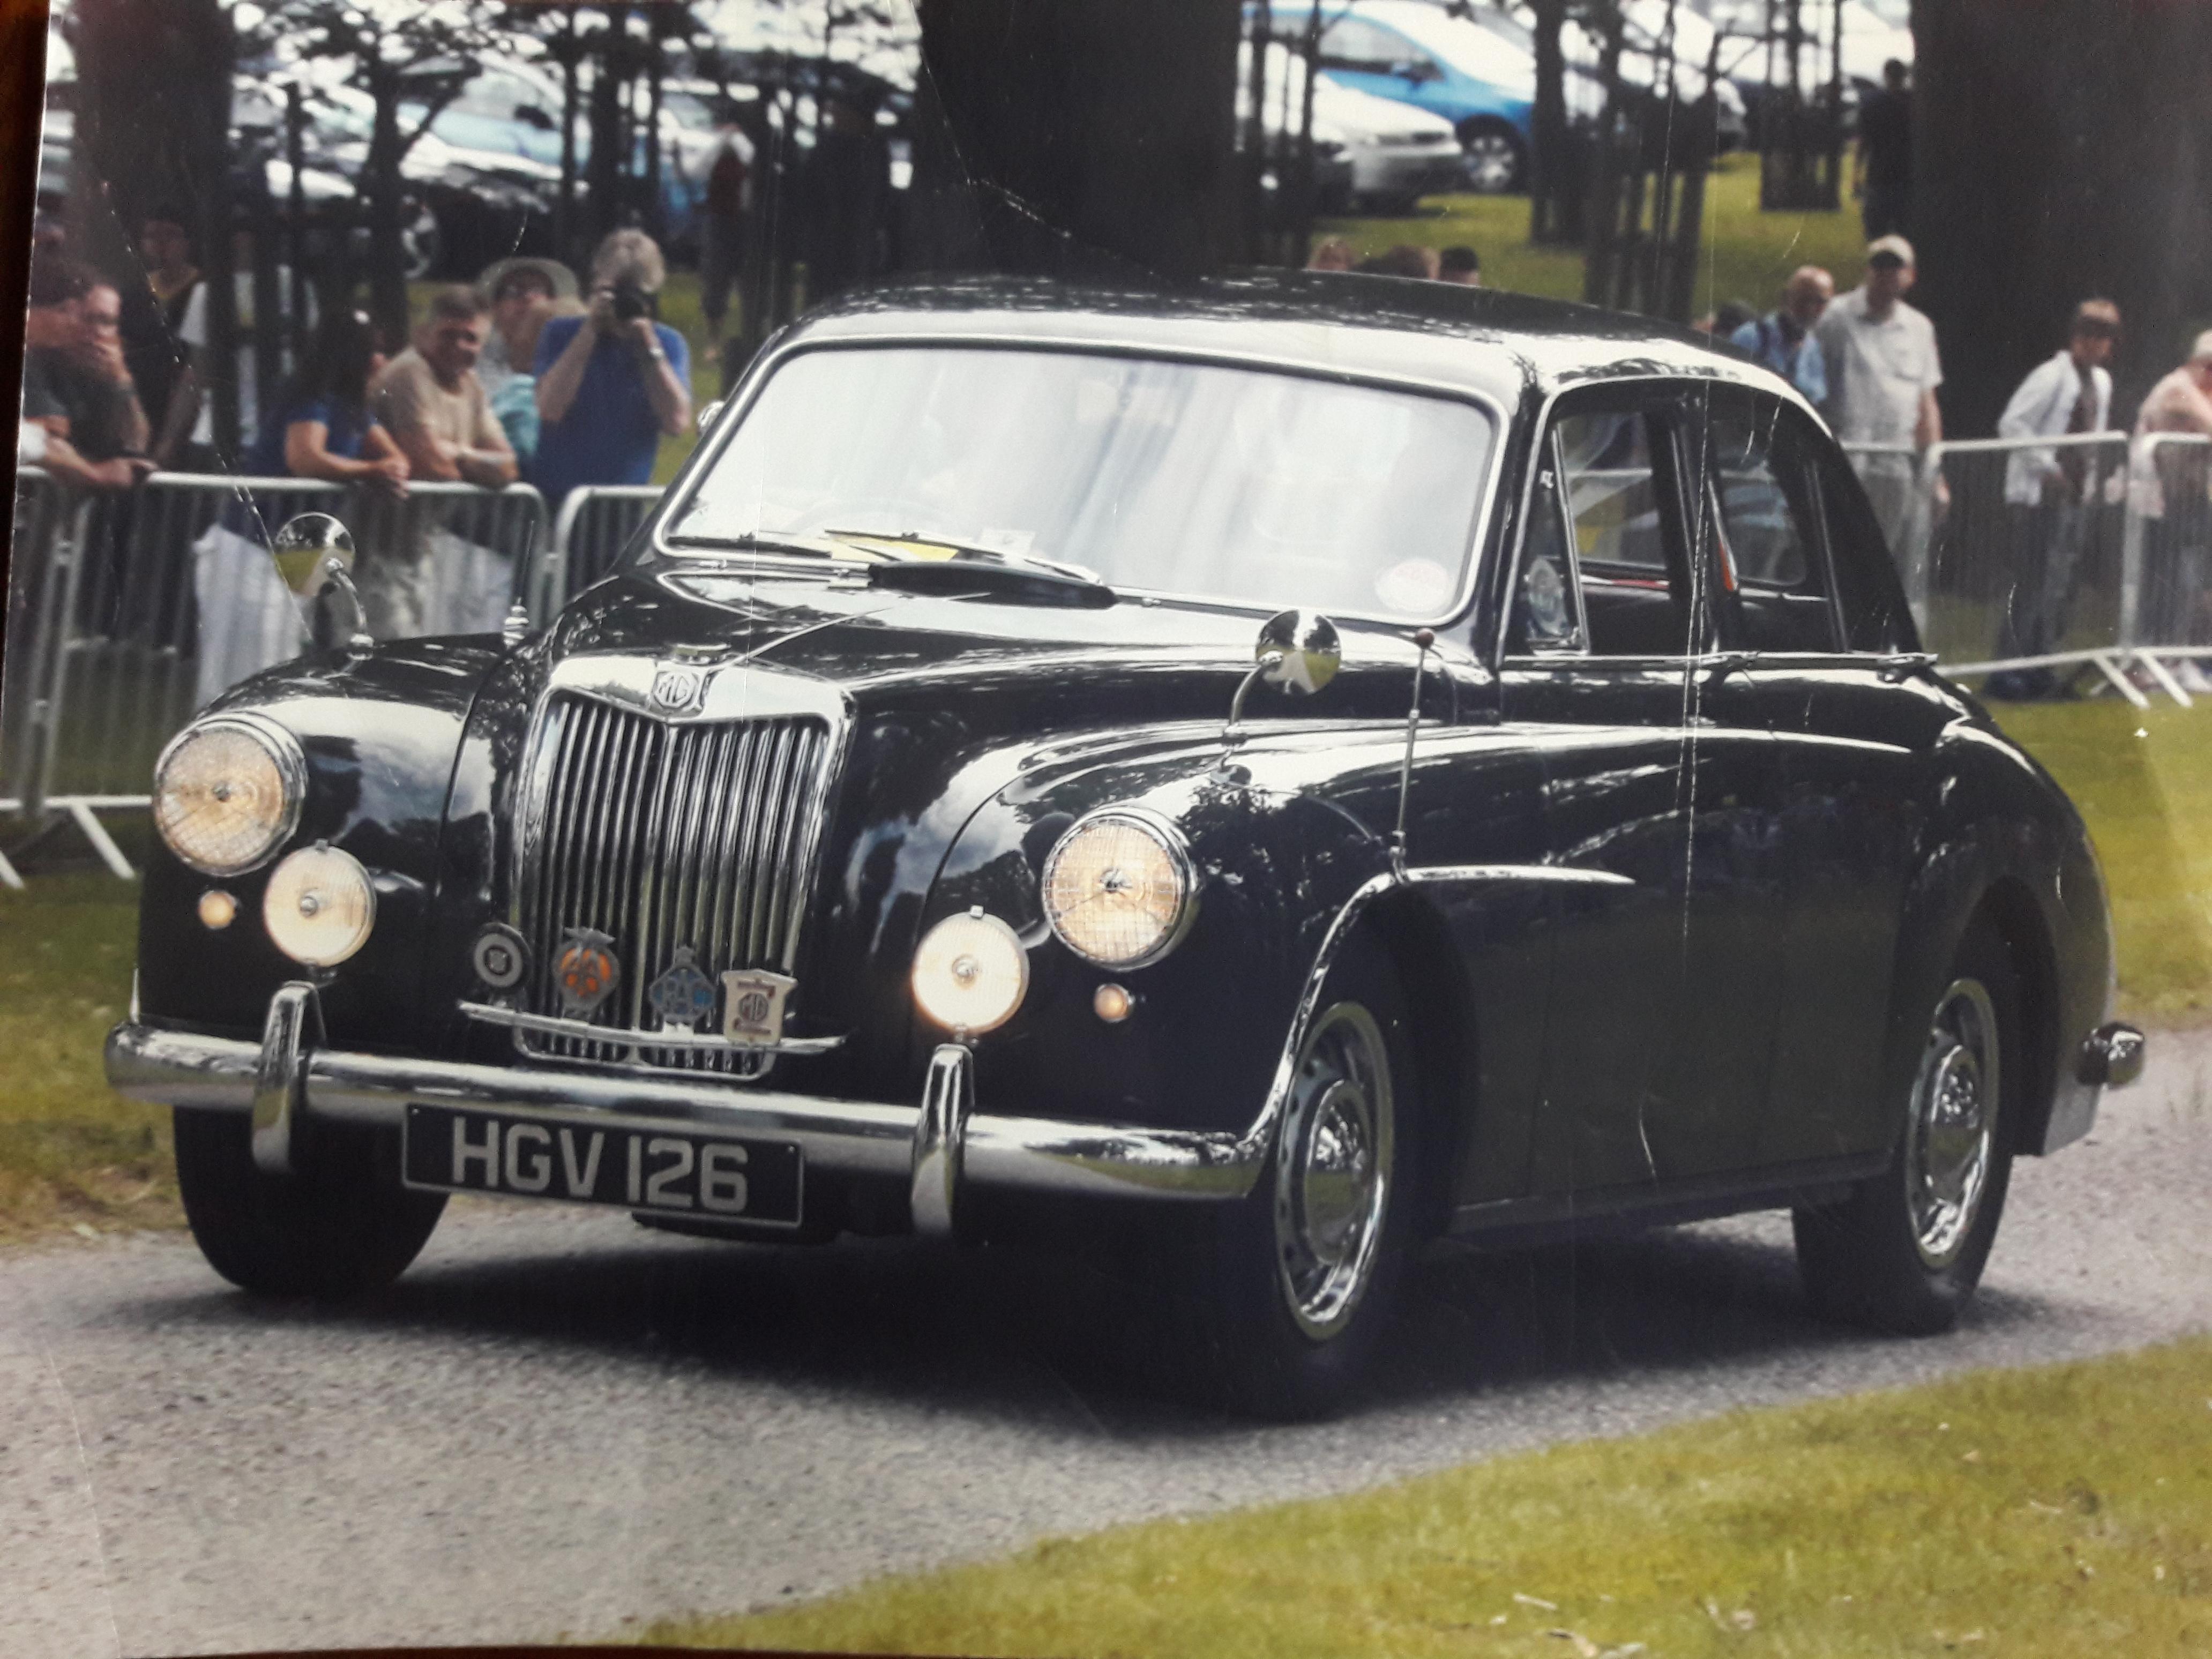 MG ZA Magnette - 1955